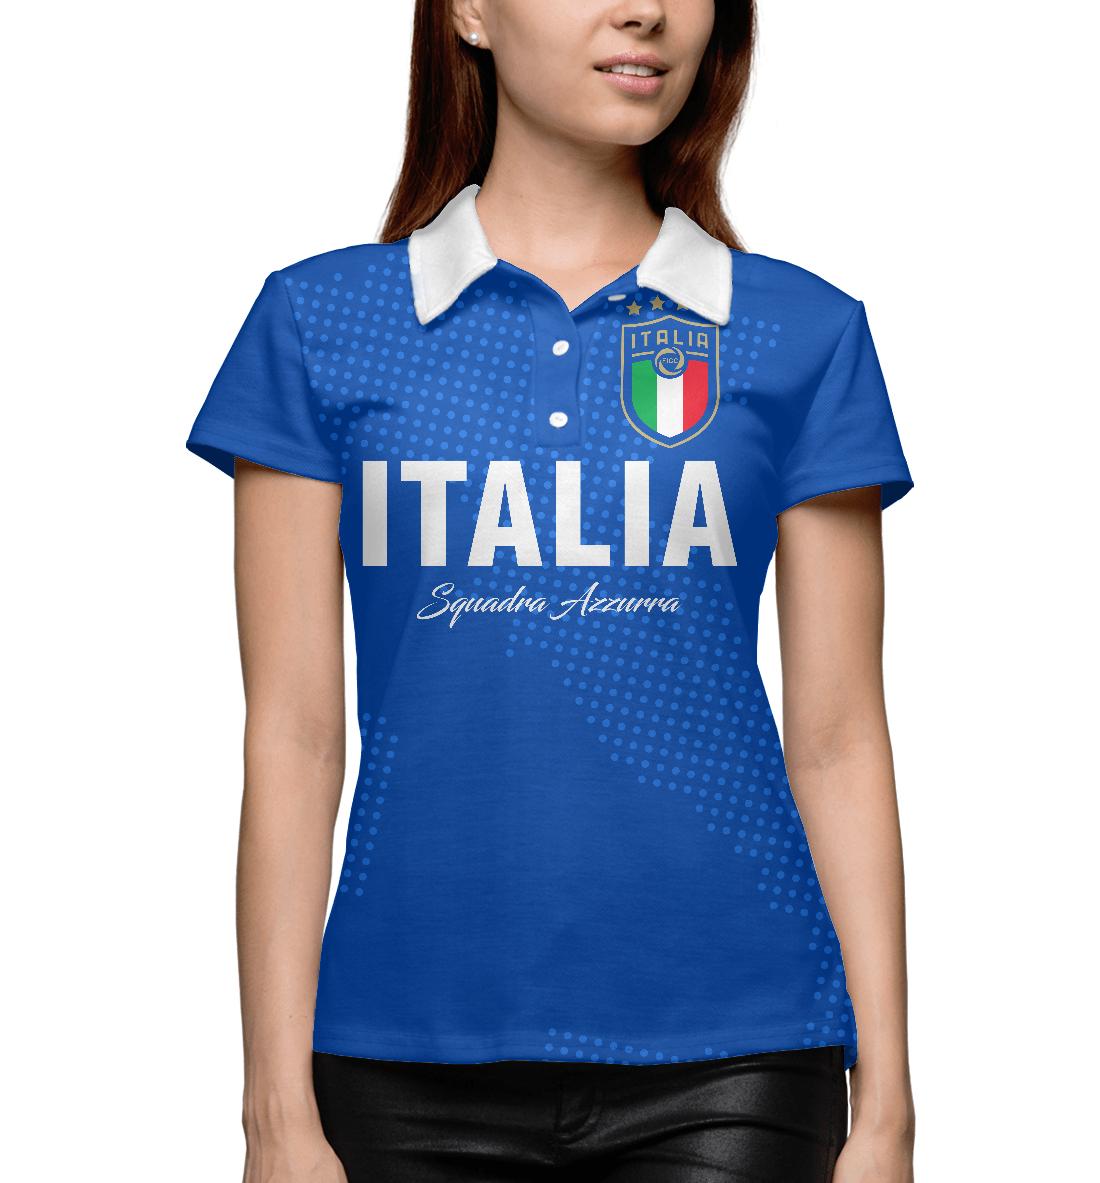 Купить Италия, Printbar, Поло, FNS-186686-pol-1